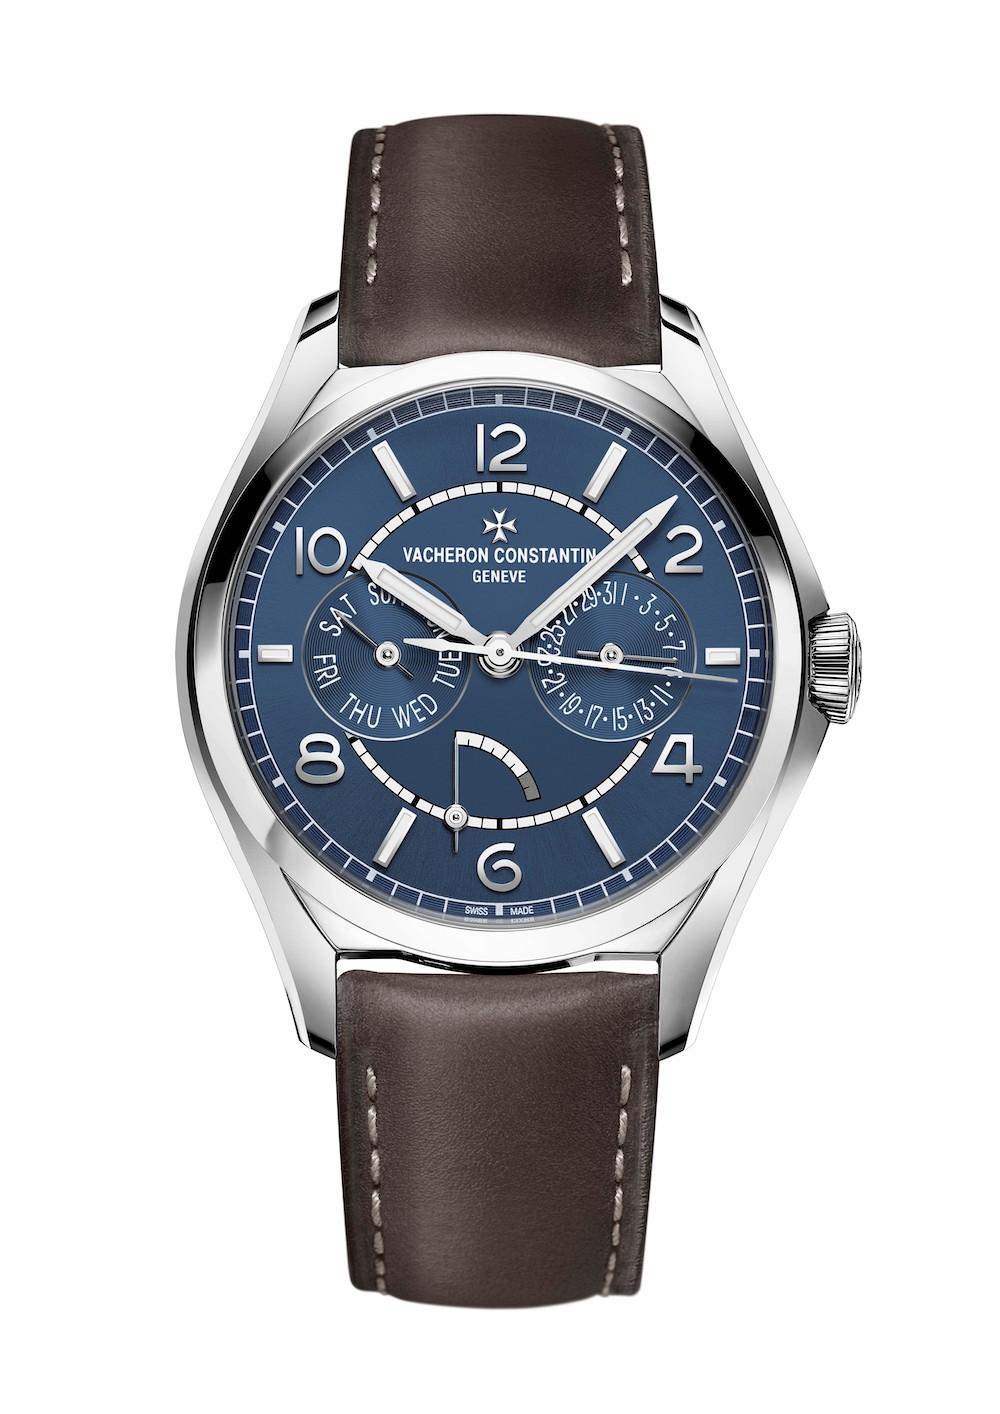 Vacheron Constantin Fiftysix Day-Date Petrol Blue watch, Mr Porter